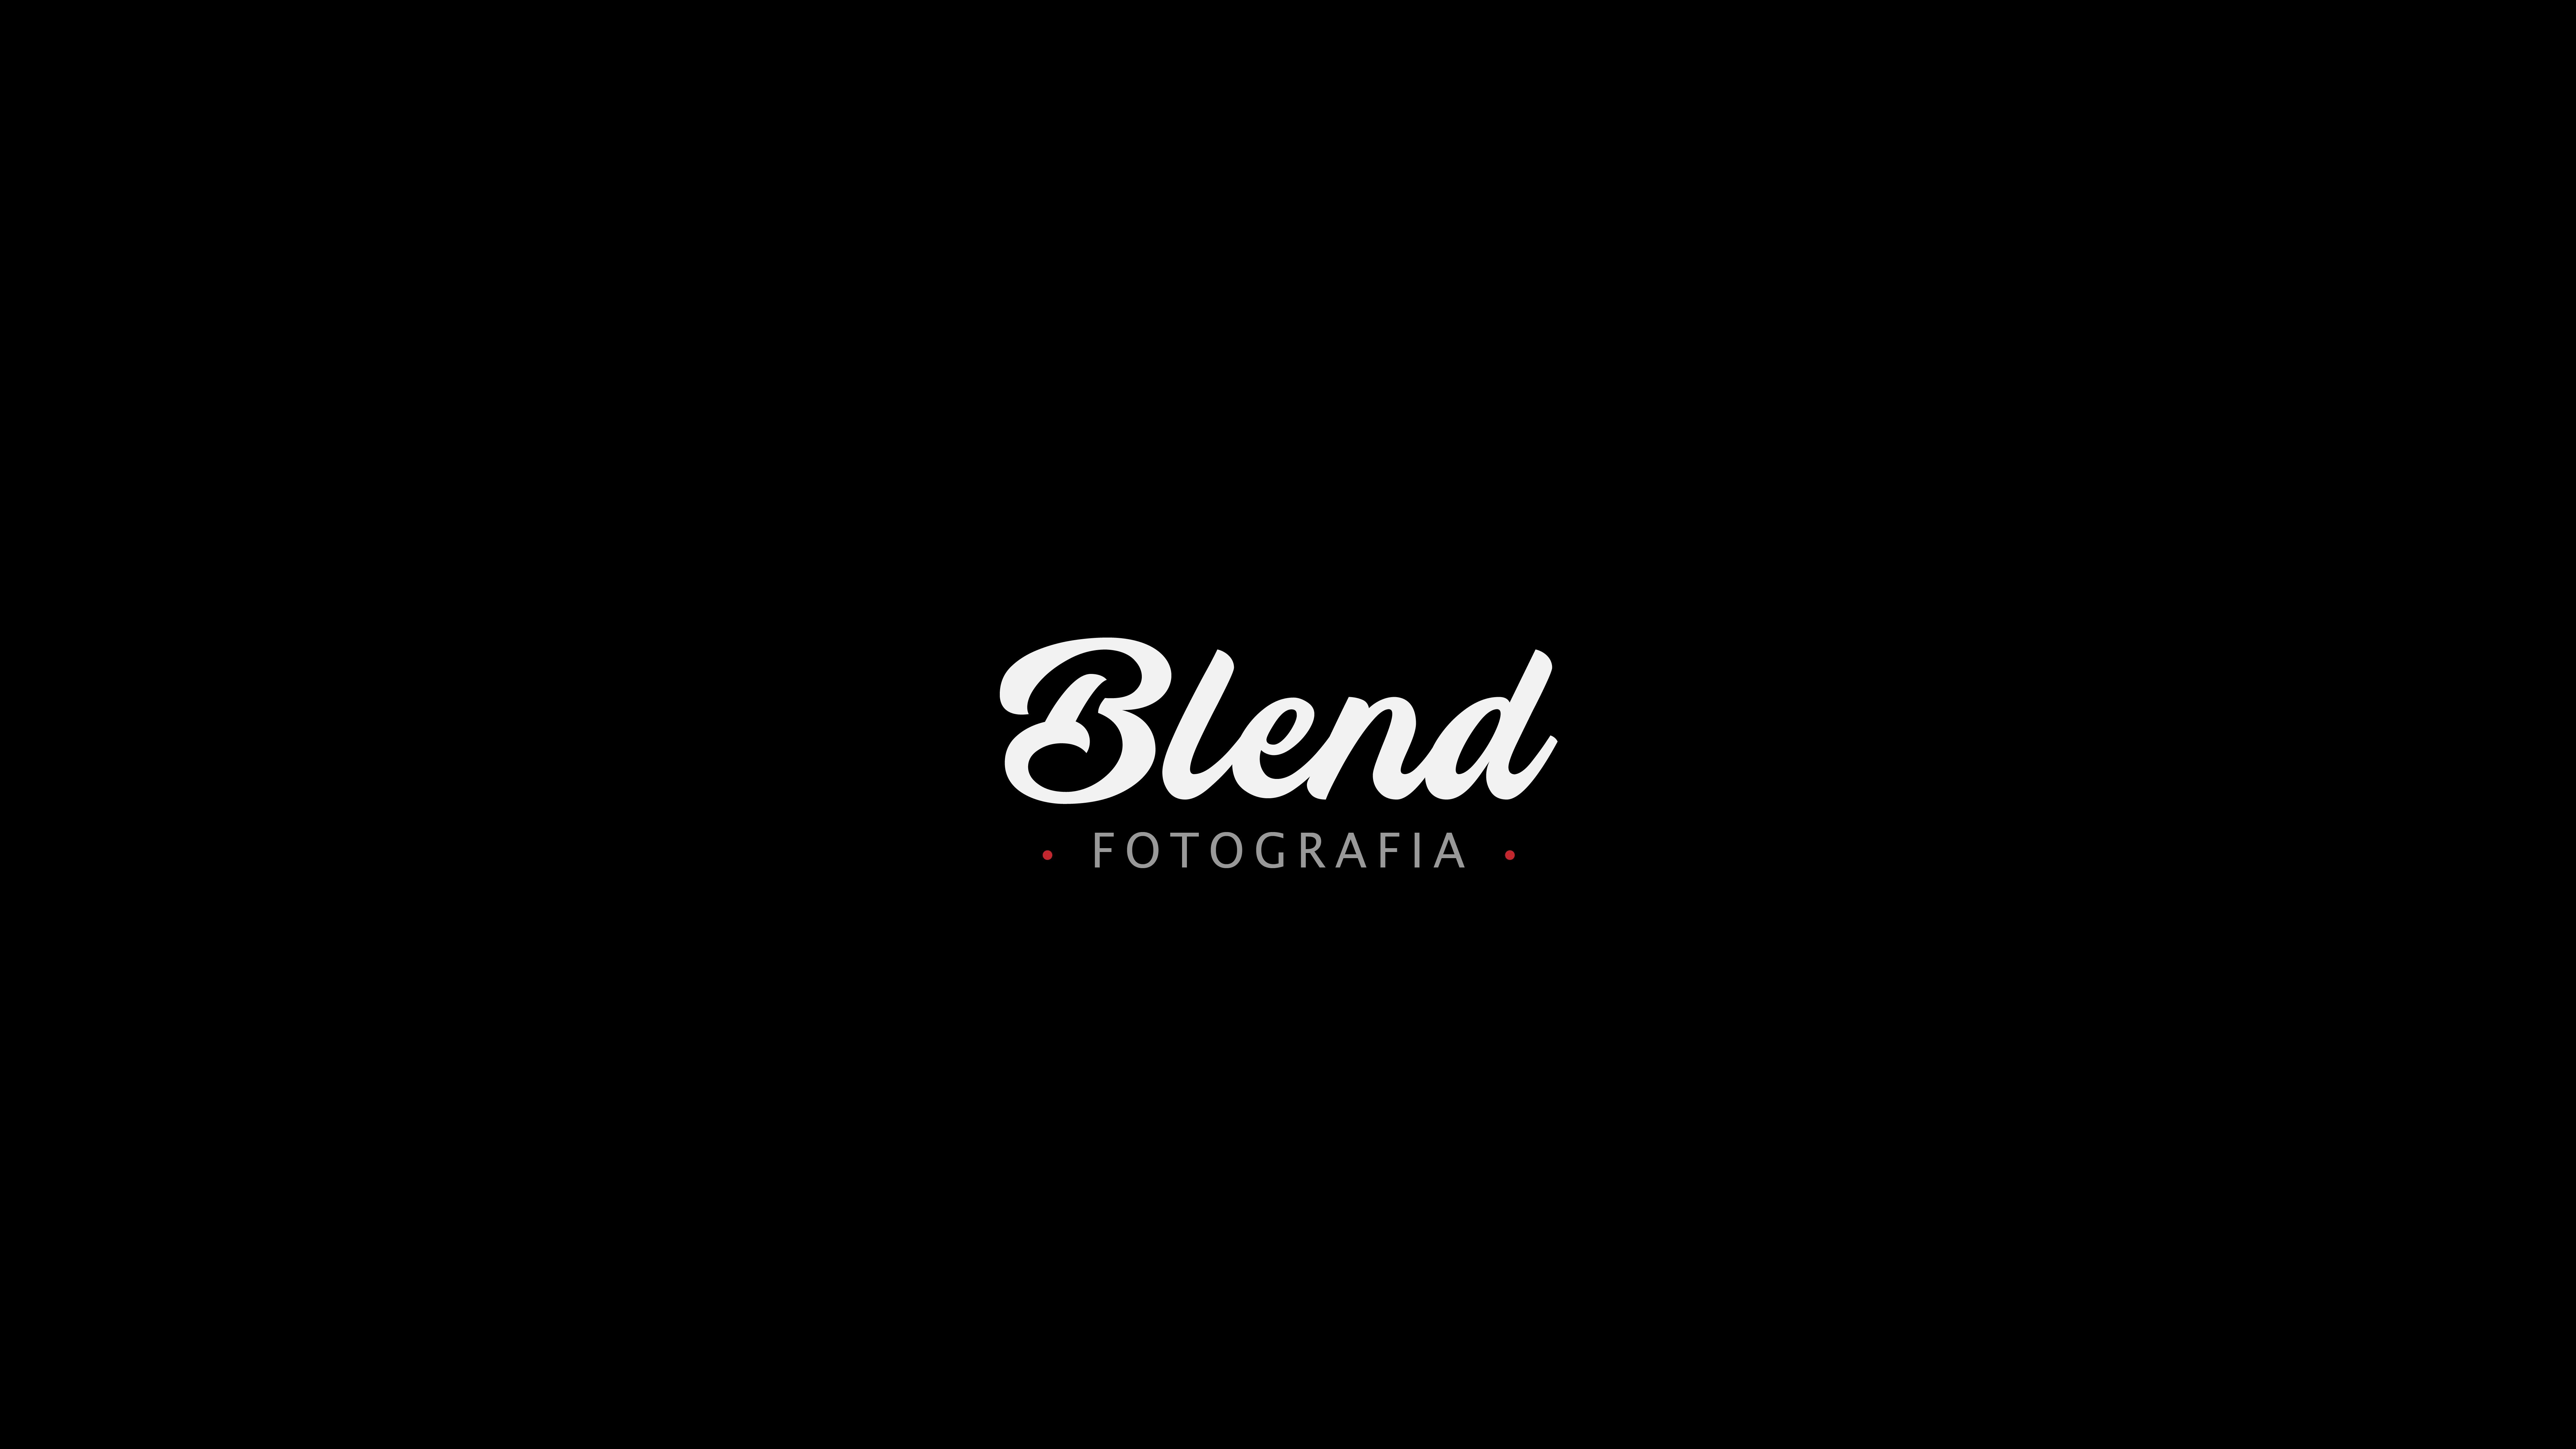 Contate Blend Fotografia